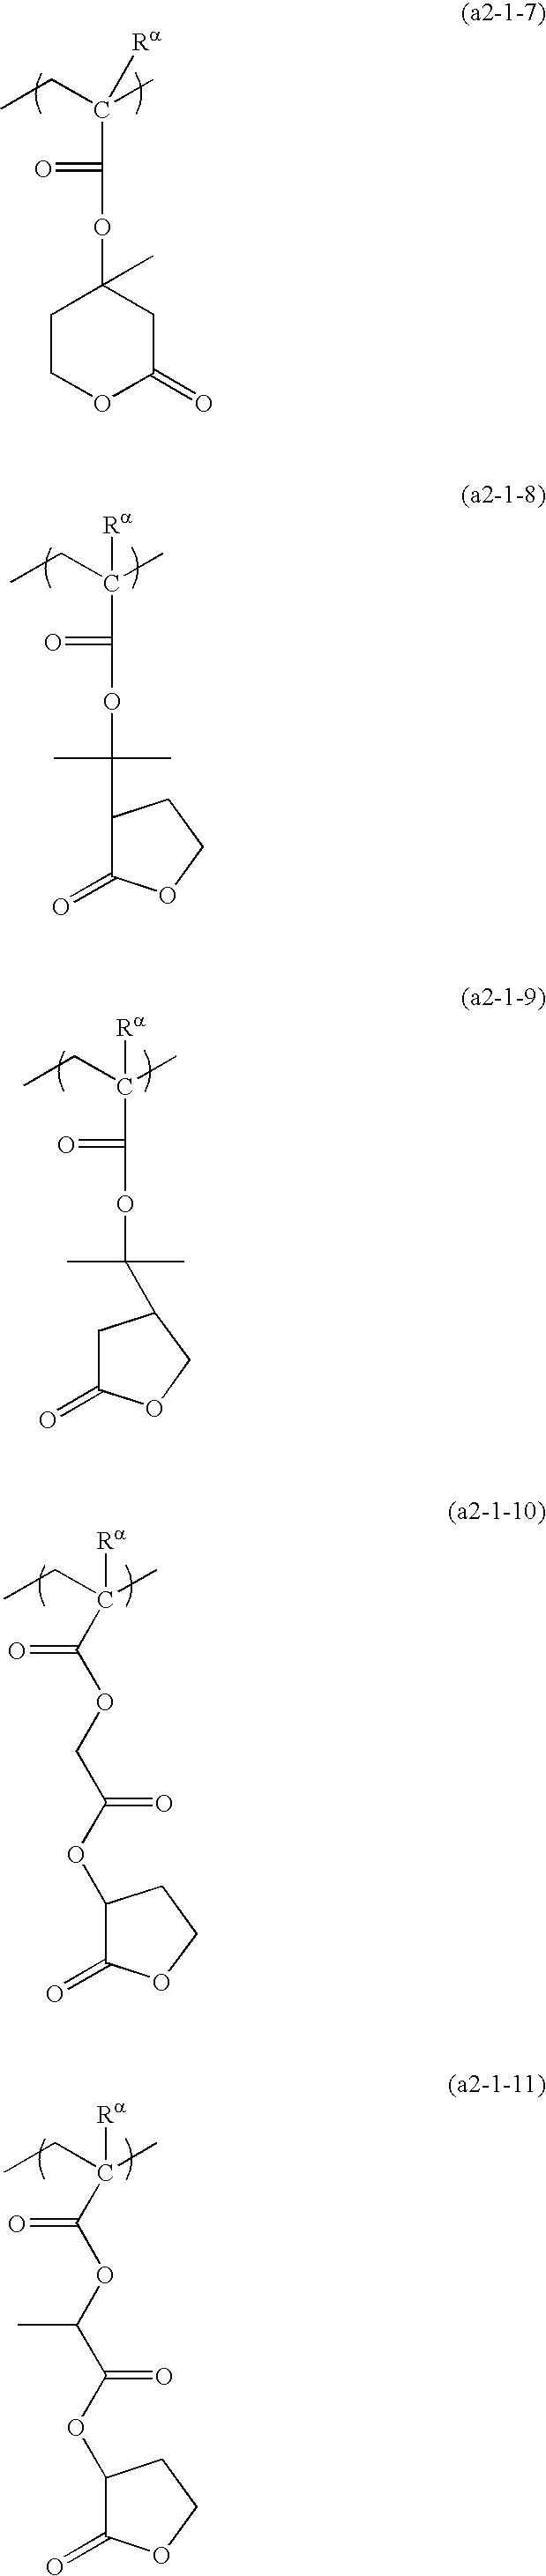 Figure US20100136480A1-20100603-C00057